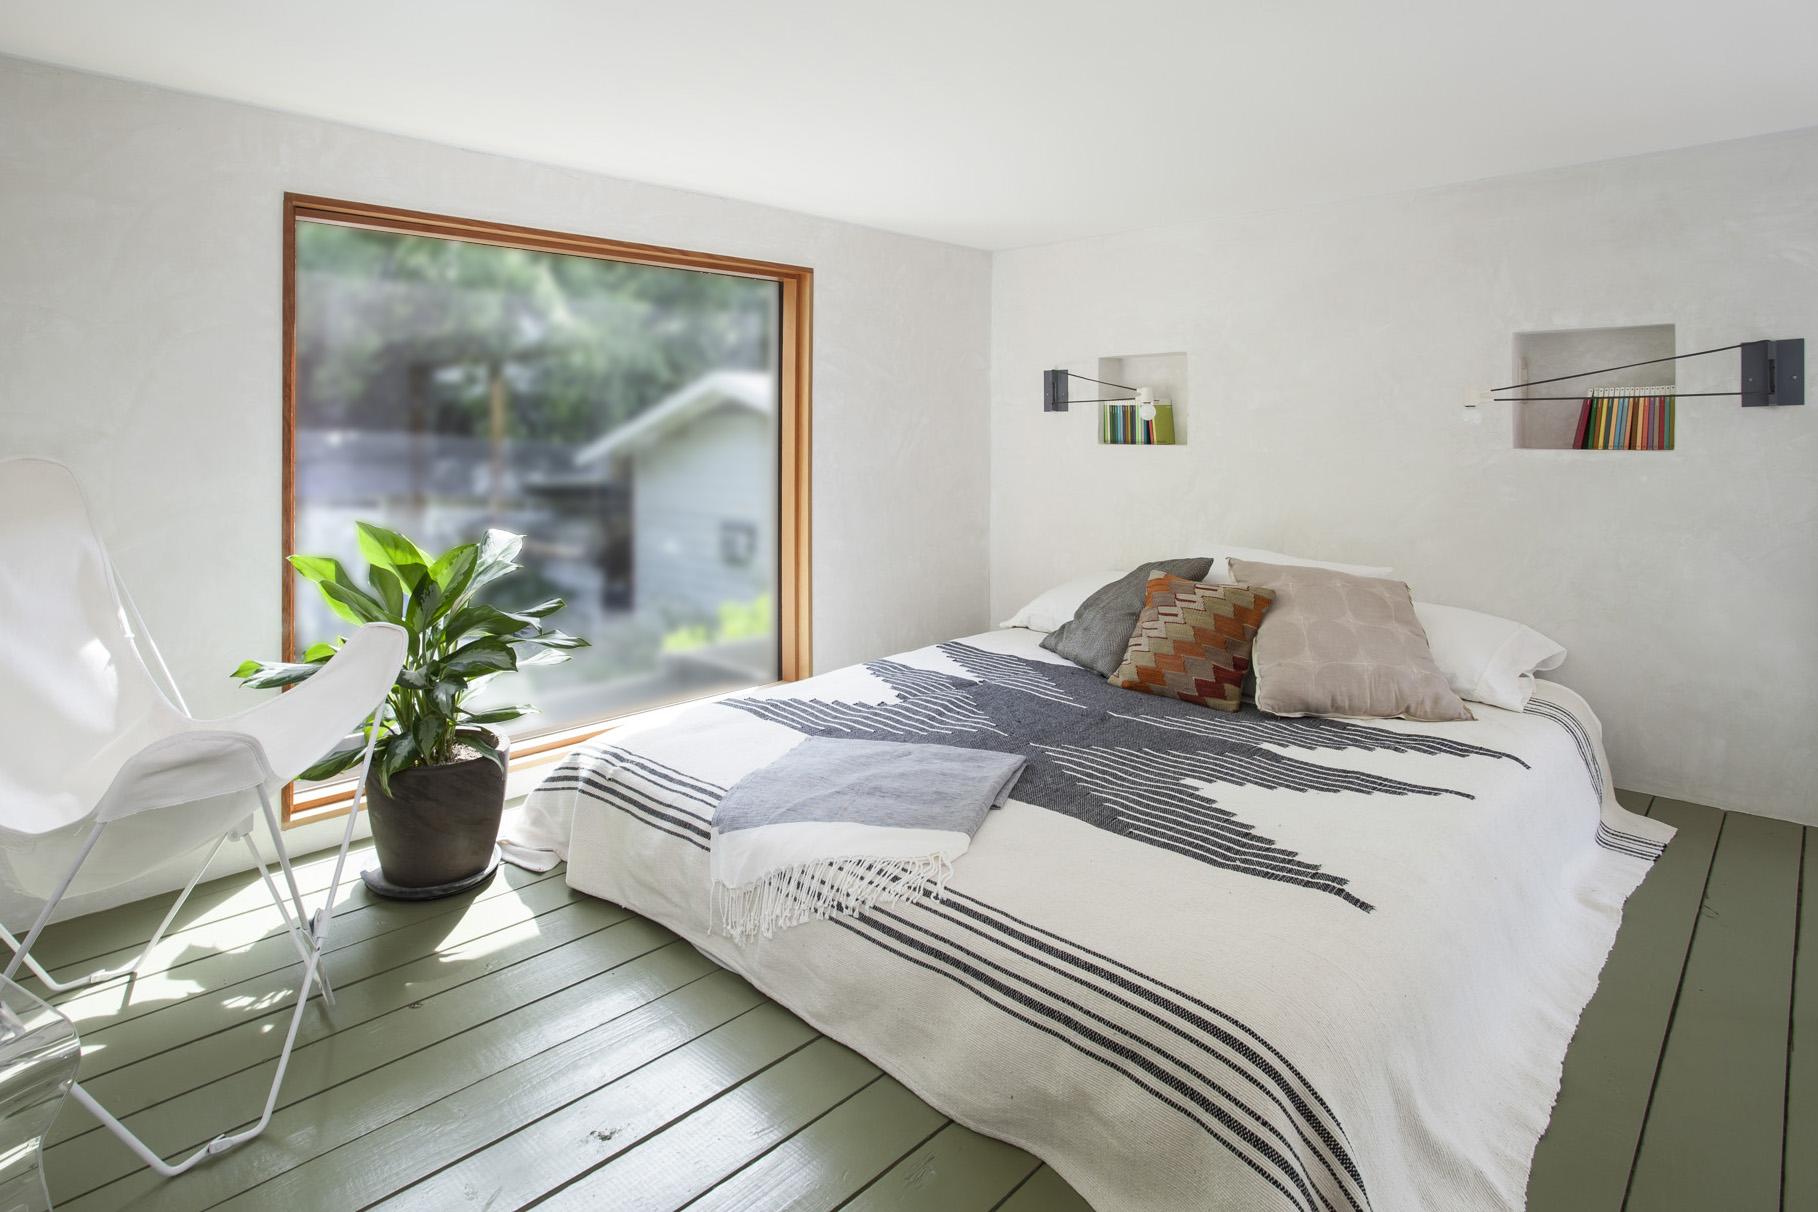 Elizabeth-Baird-Architecture-Garner Pool and Casita- casita loft.jpg